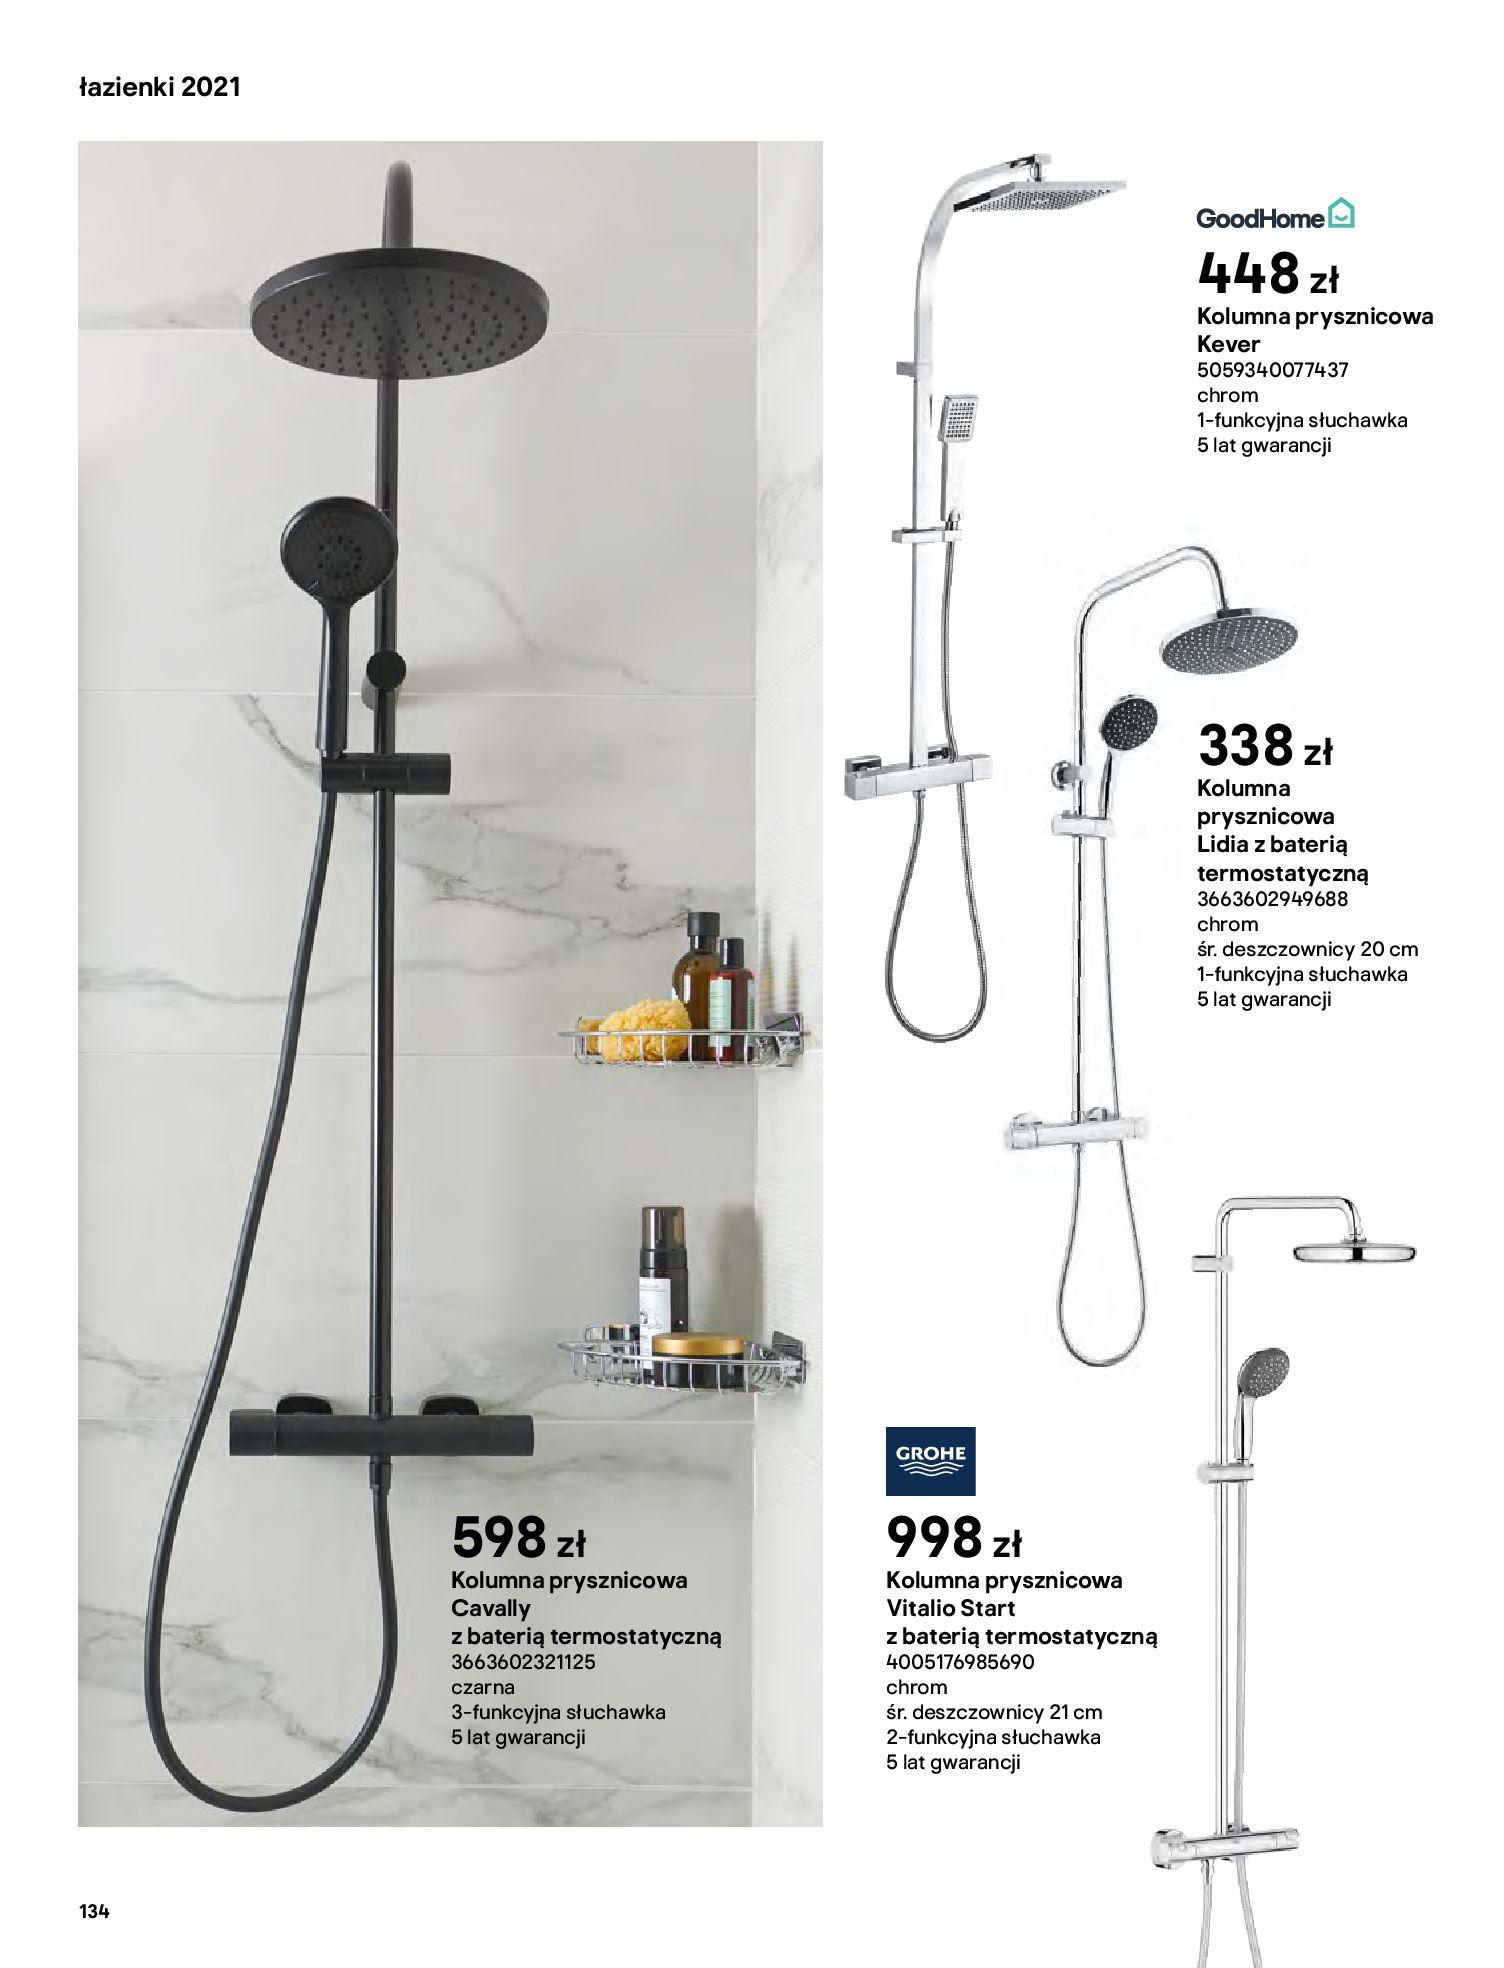 Gazetka Castorama: Gazetka Castorama - katalog łazienki 2021 2021-06-16 page-134